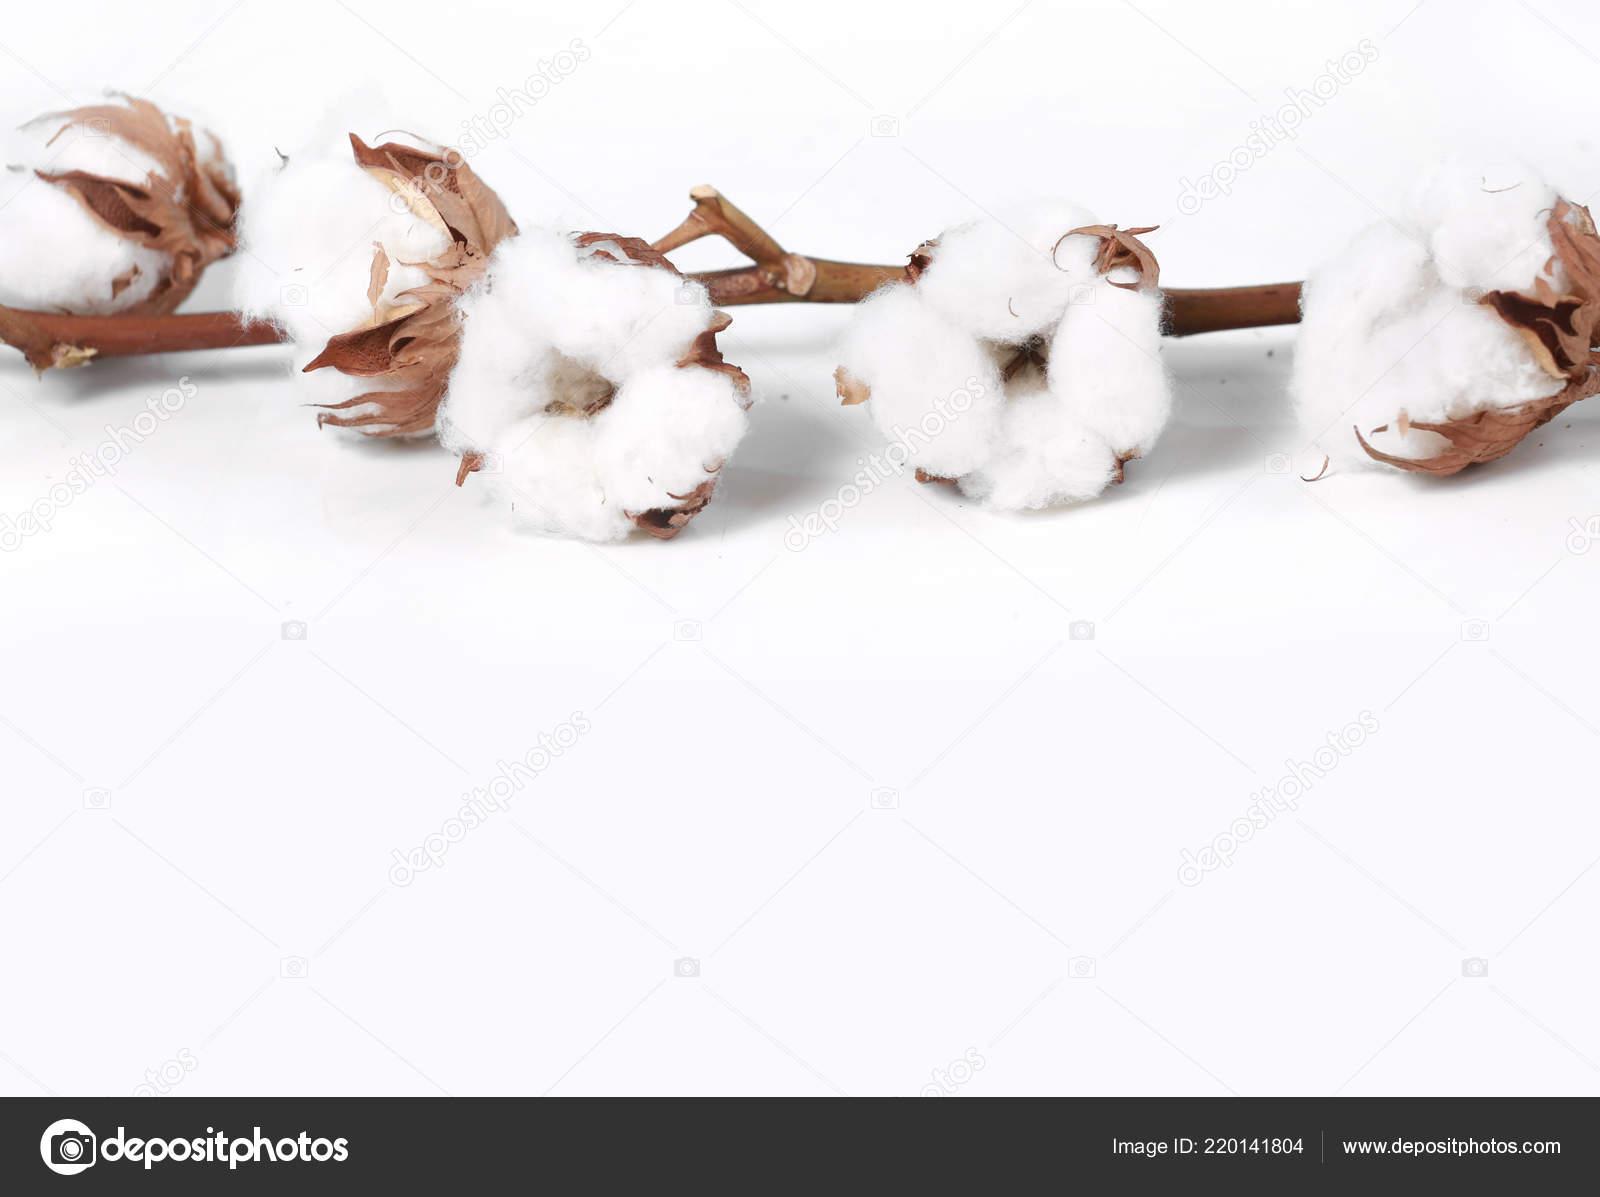 Branche Fleur De Coton cotton flowers branch white empty space blue background